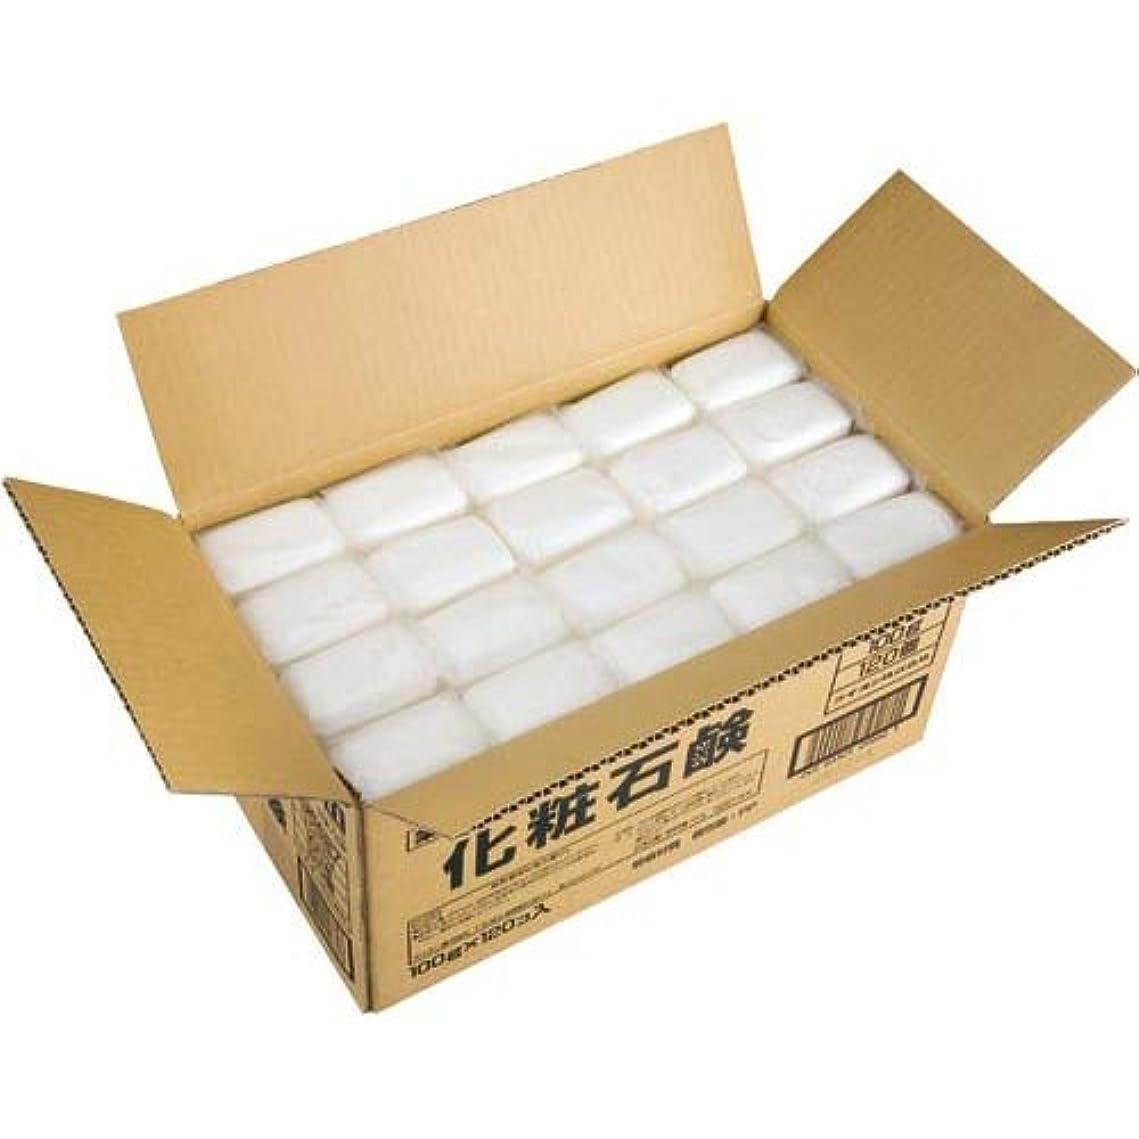 チョーク妖精行為ライオン 植物物語 化粧石鹸 (100g×120入)